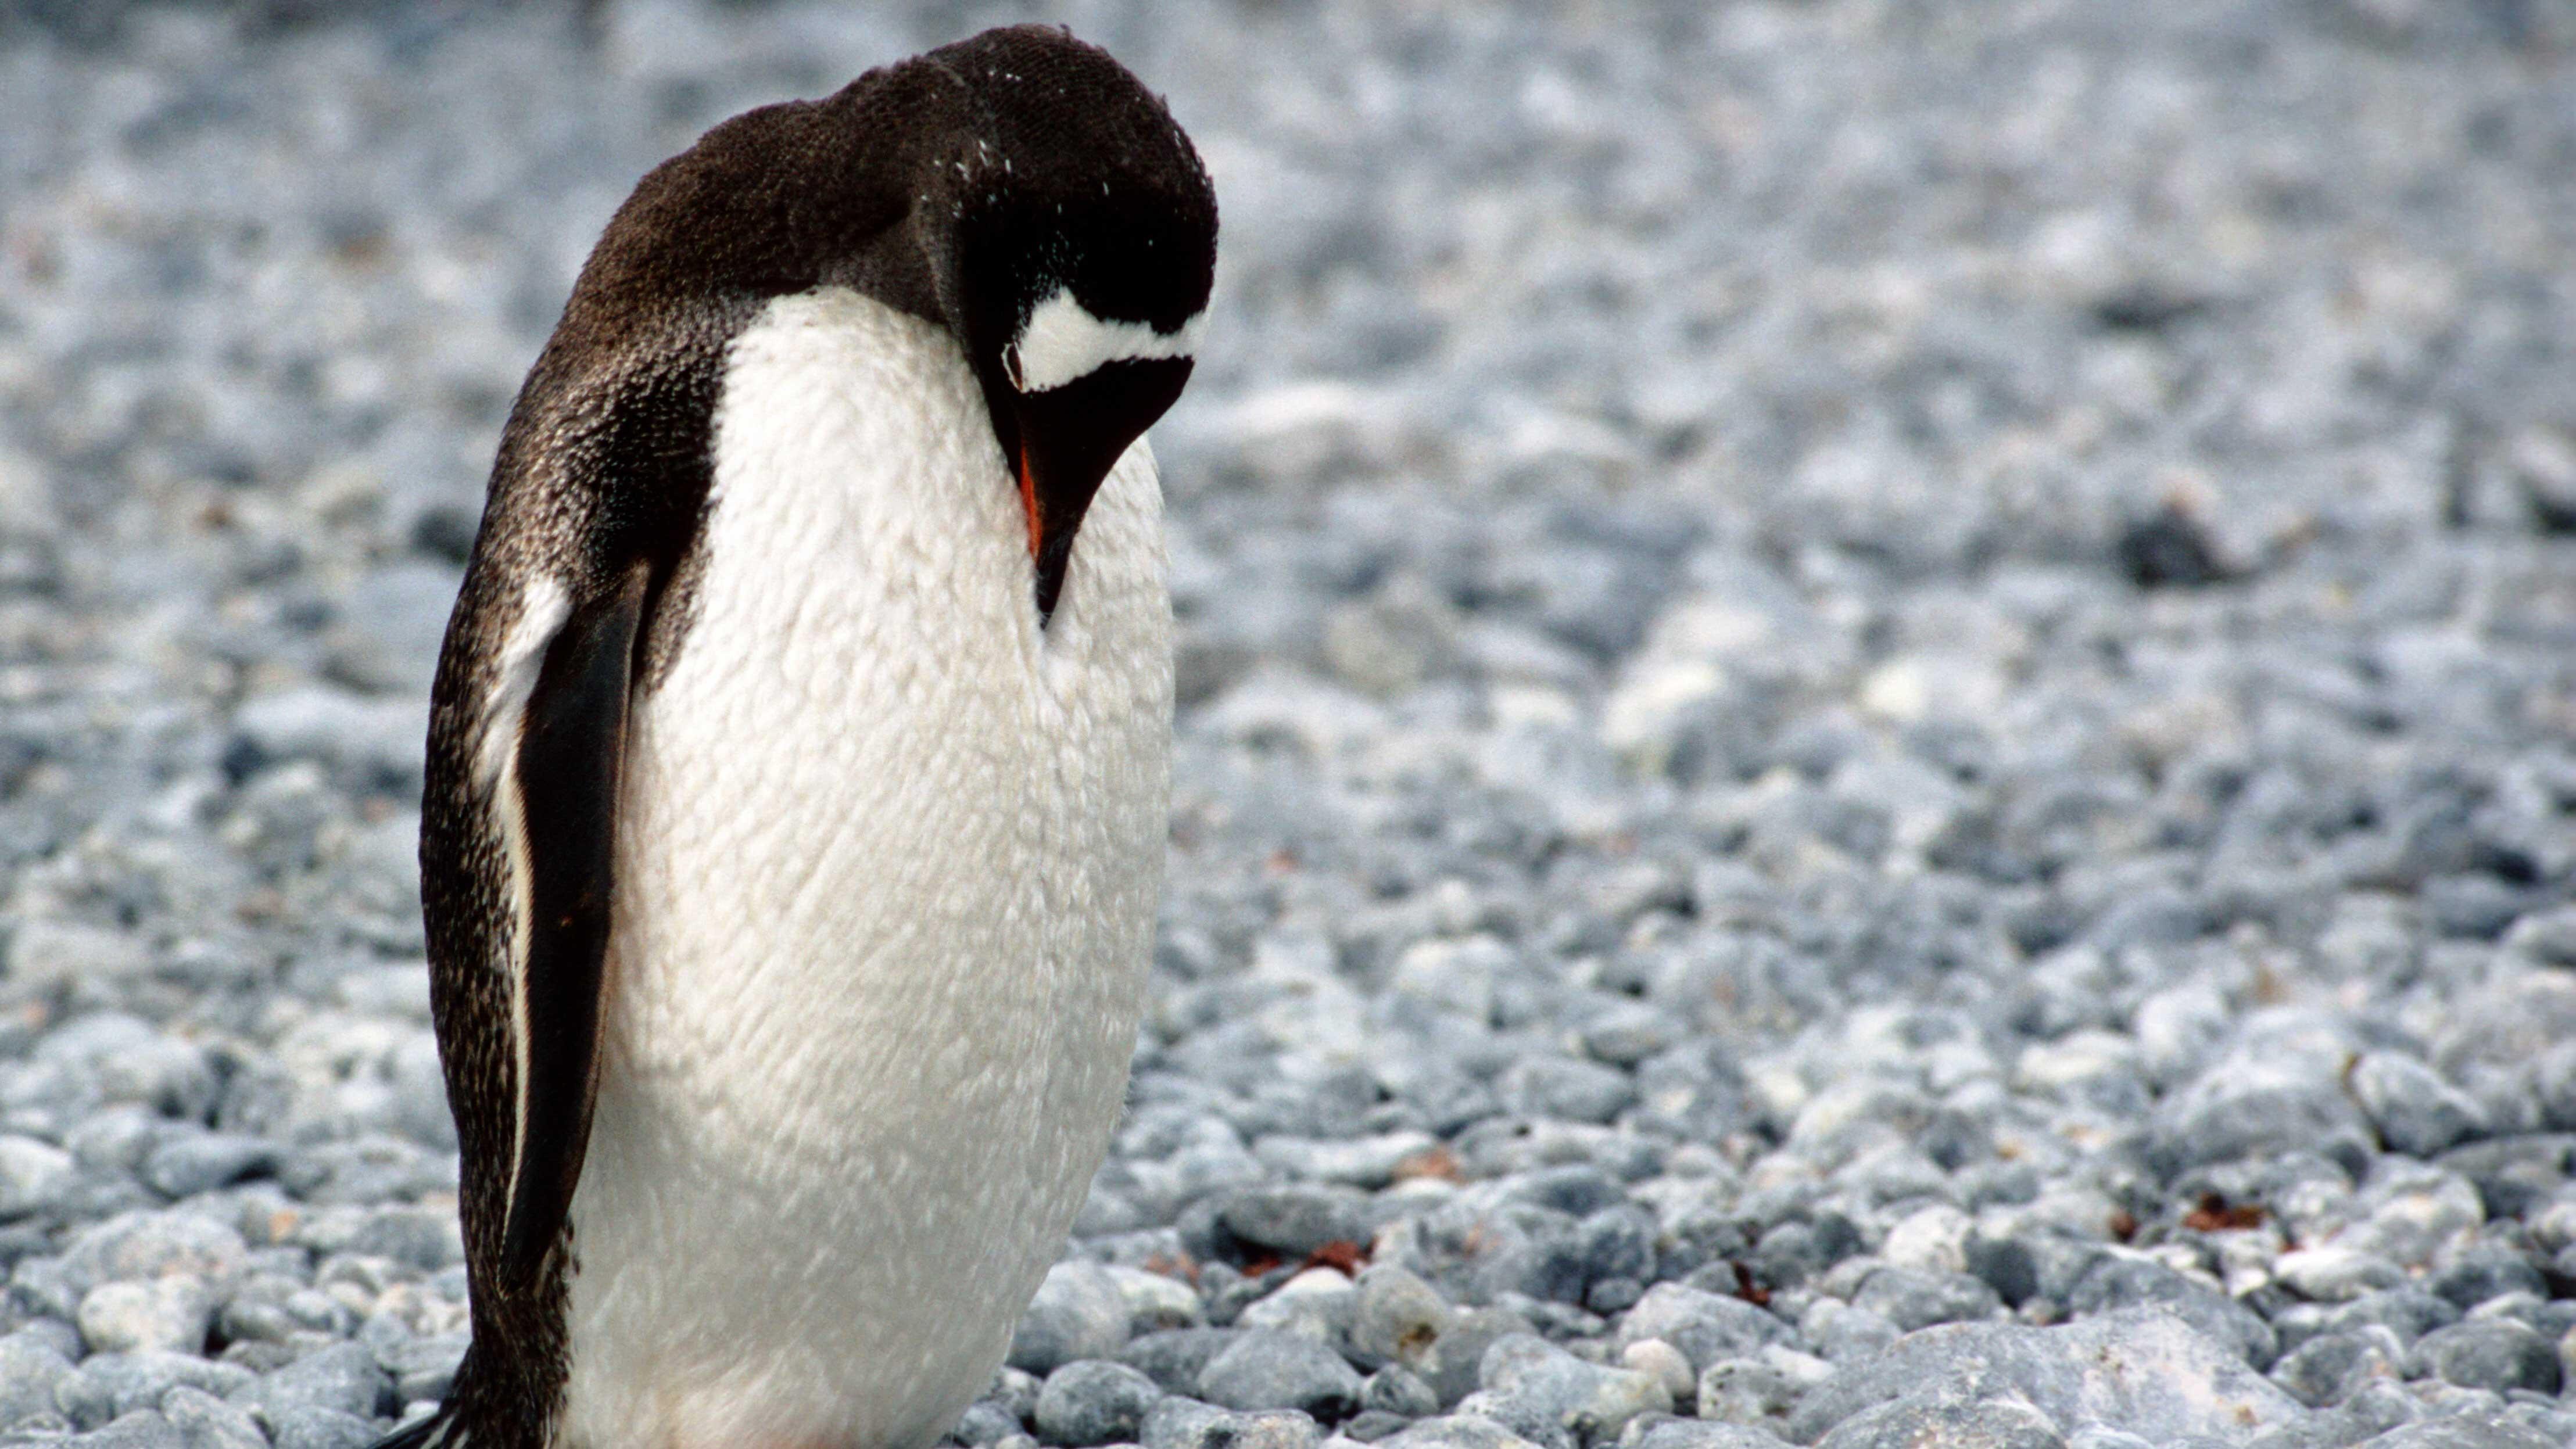 Pinguim de cabeça baixa, demonstrando desânimo.